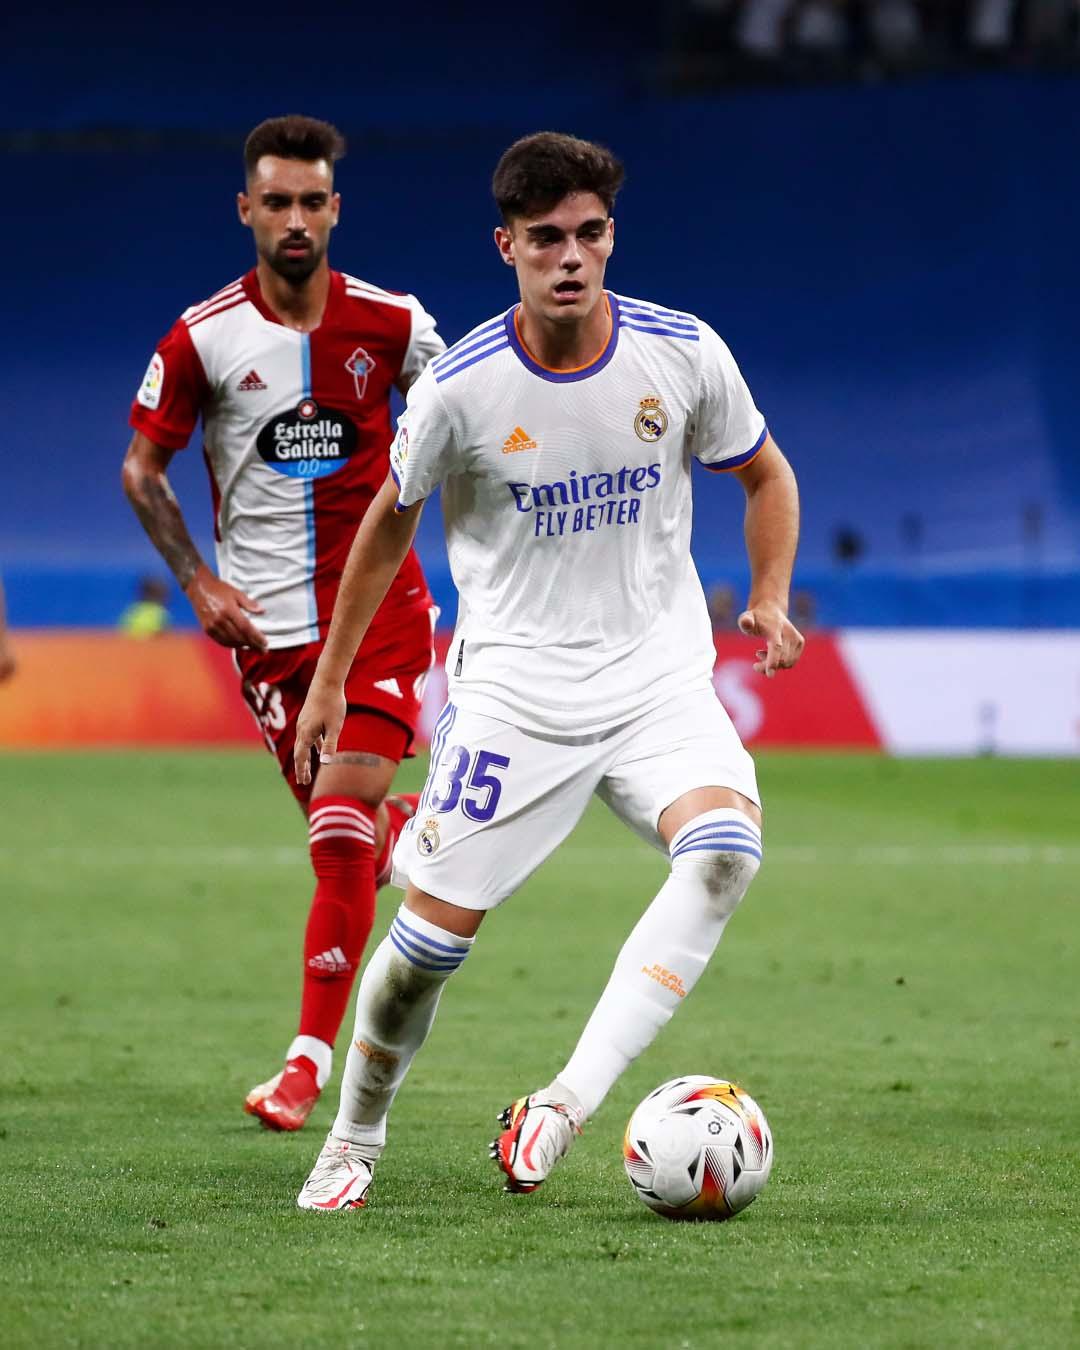 Реал Мадрид разгромил Сельту. Обзор игры Мадрида в первом матче после возвращения на Бернабеу